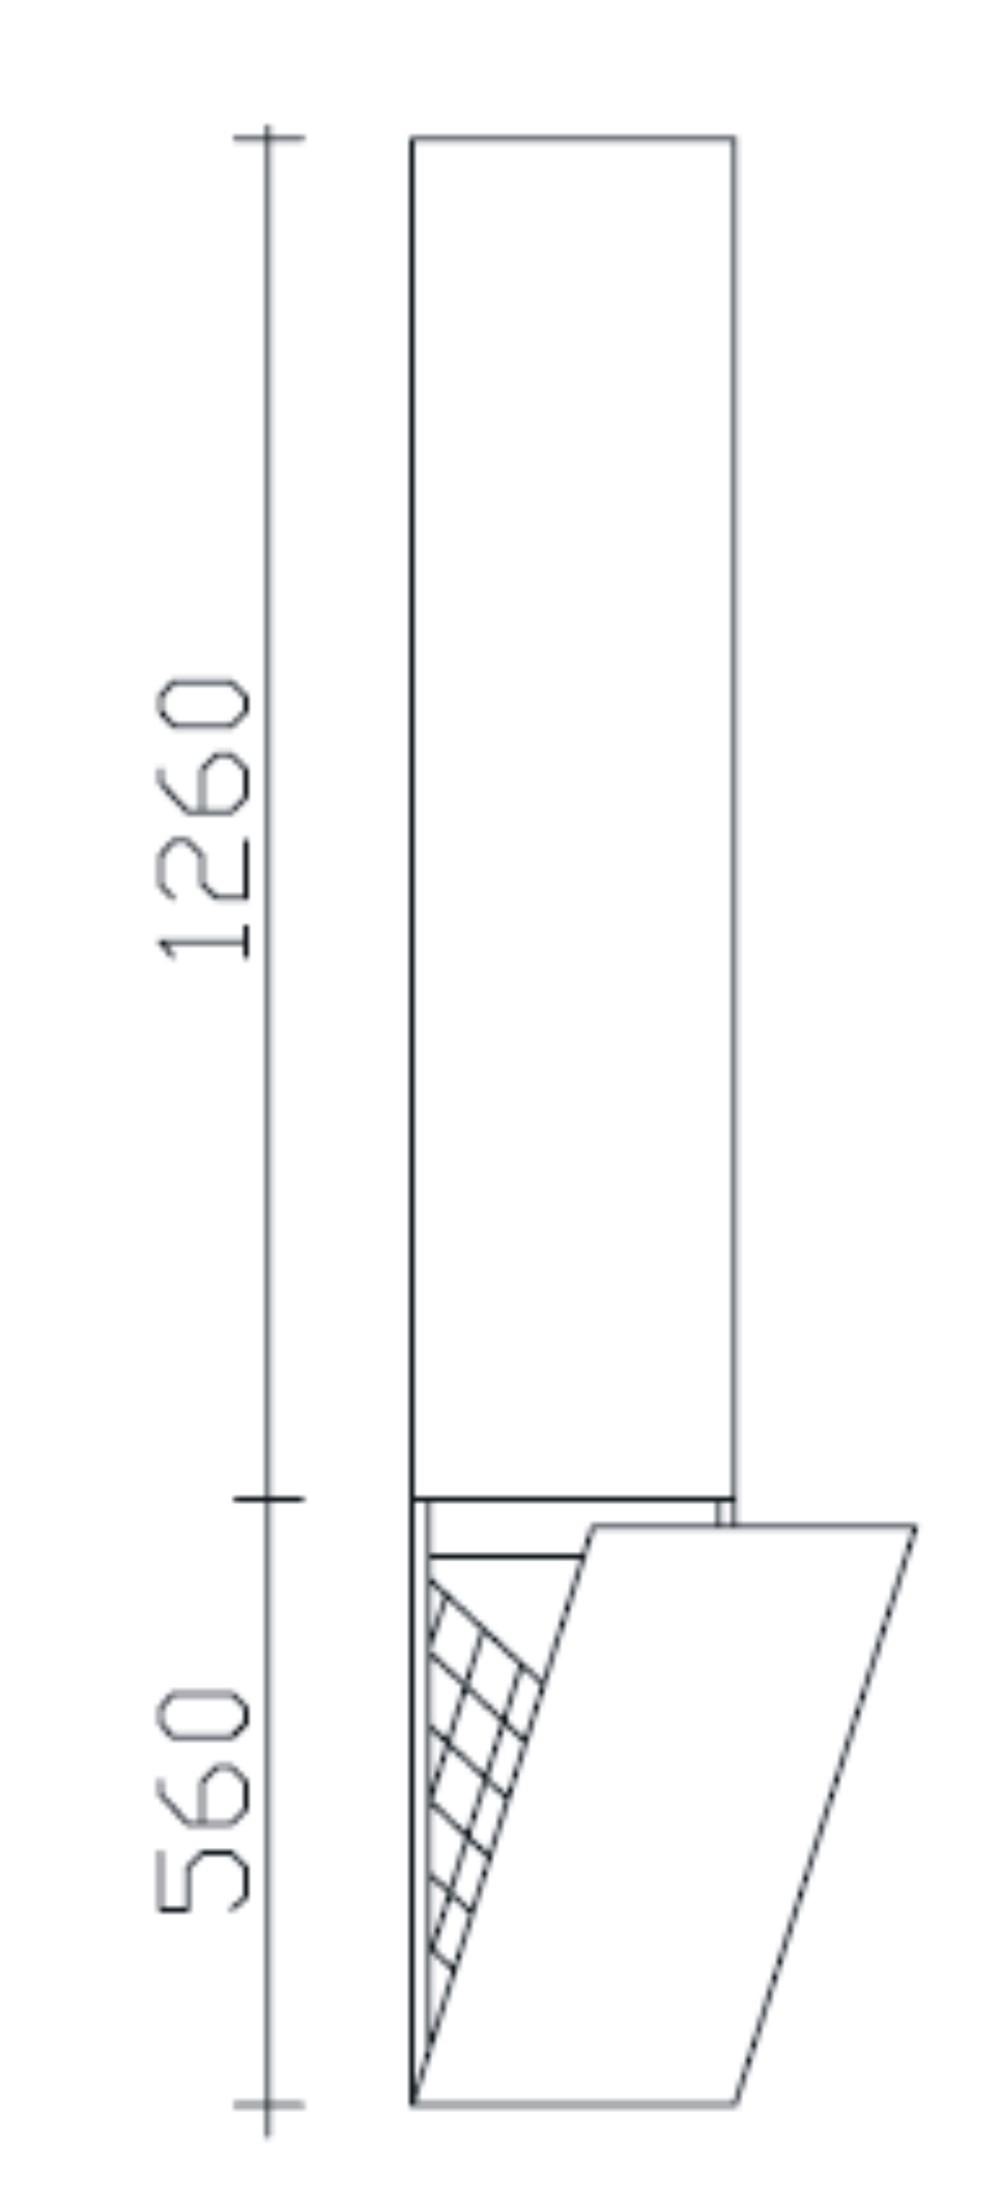 hochschrank 30 cm breit full size of hochschrank kche cm breit emejing hochschrank cm breit. Black Bedroom Furniture Sets. Home Design Ideas